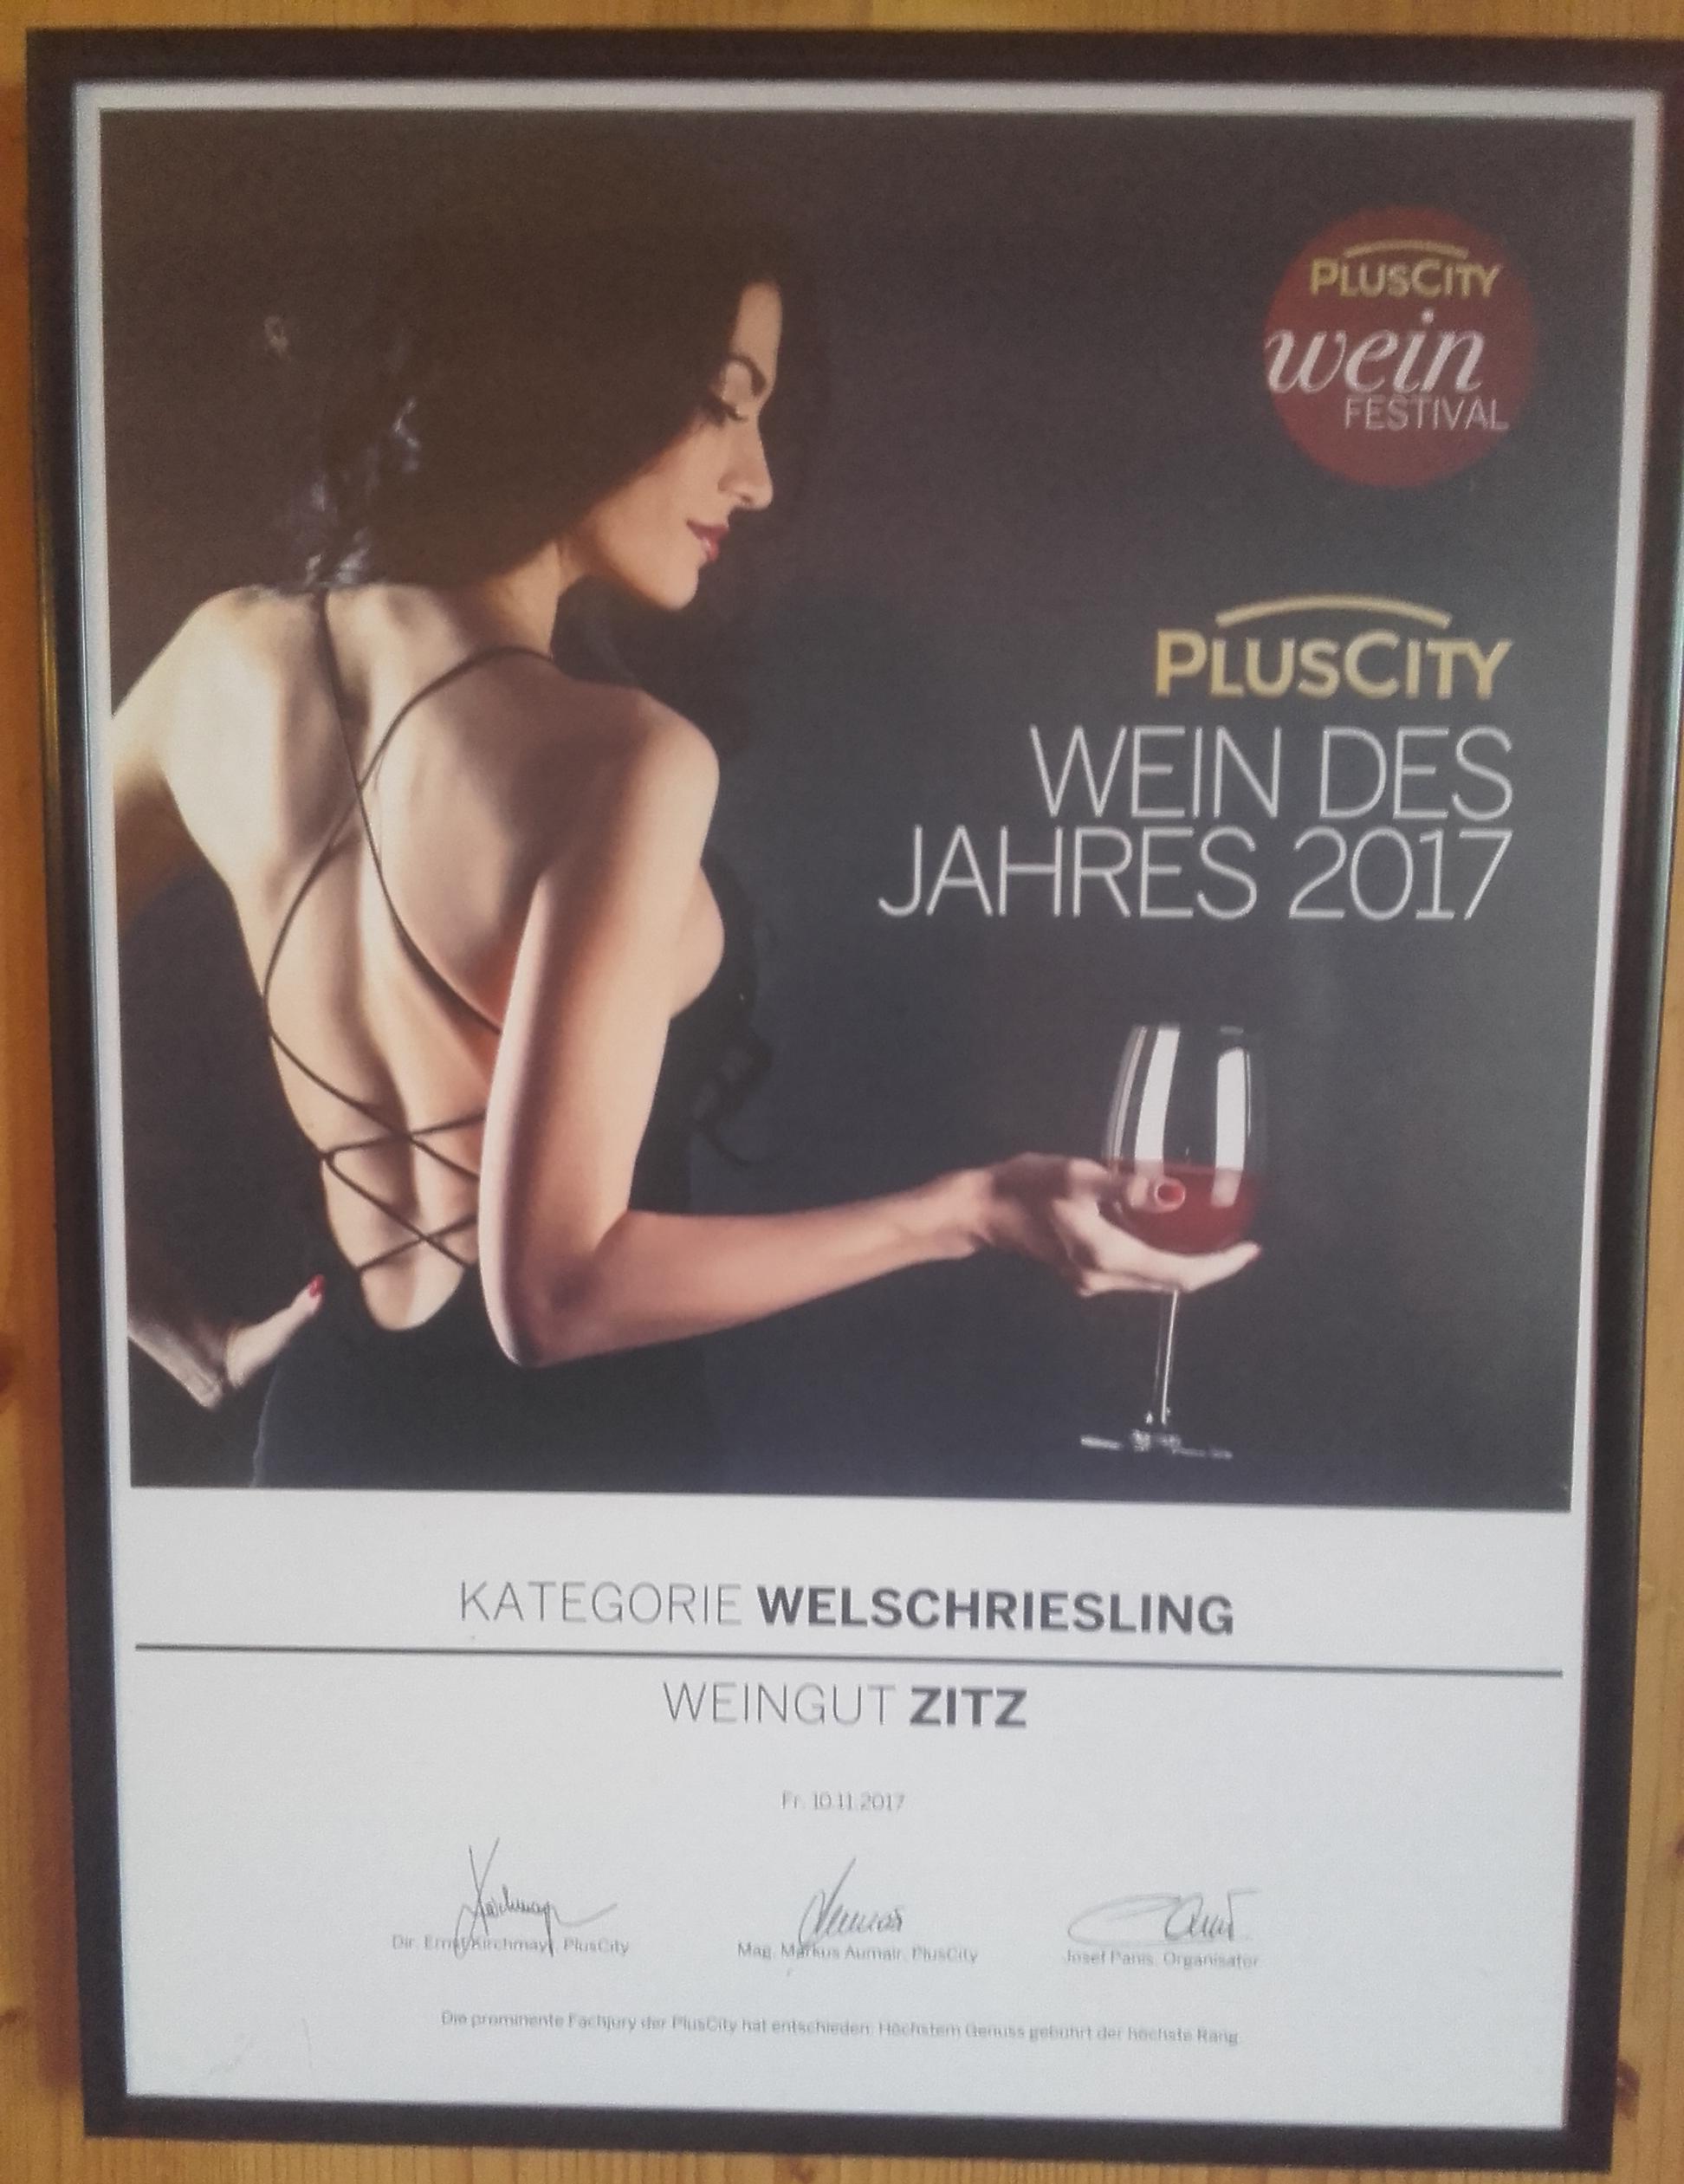 Wein Des Jahres 2017